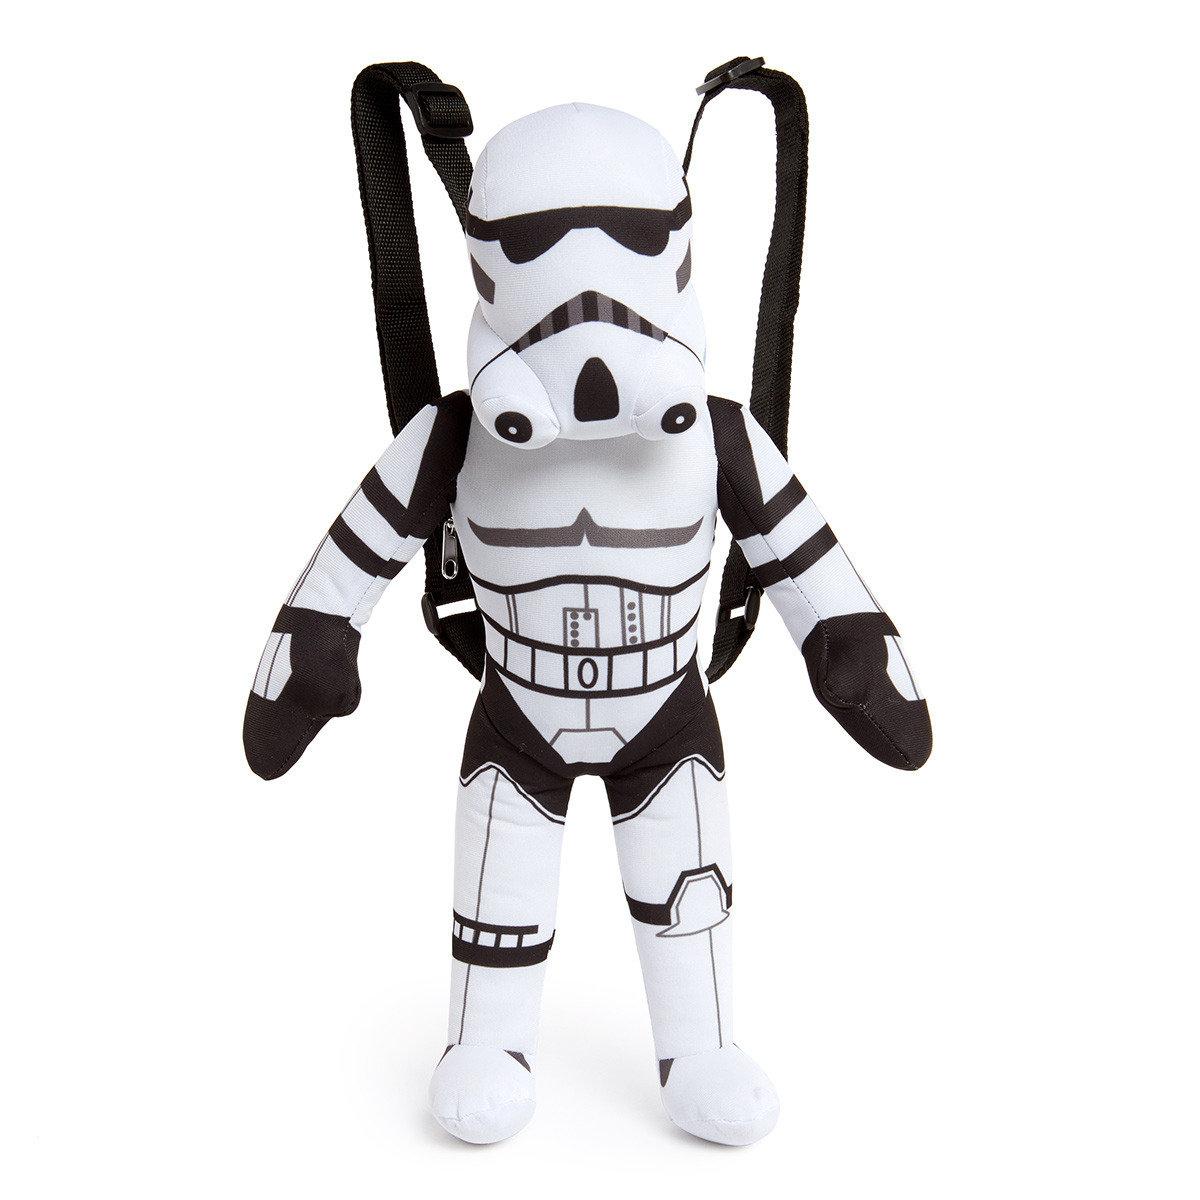 星球大戰 17 吋毛質背包(白兵 / 風暴兵 Stormtrooper)